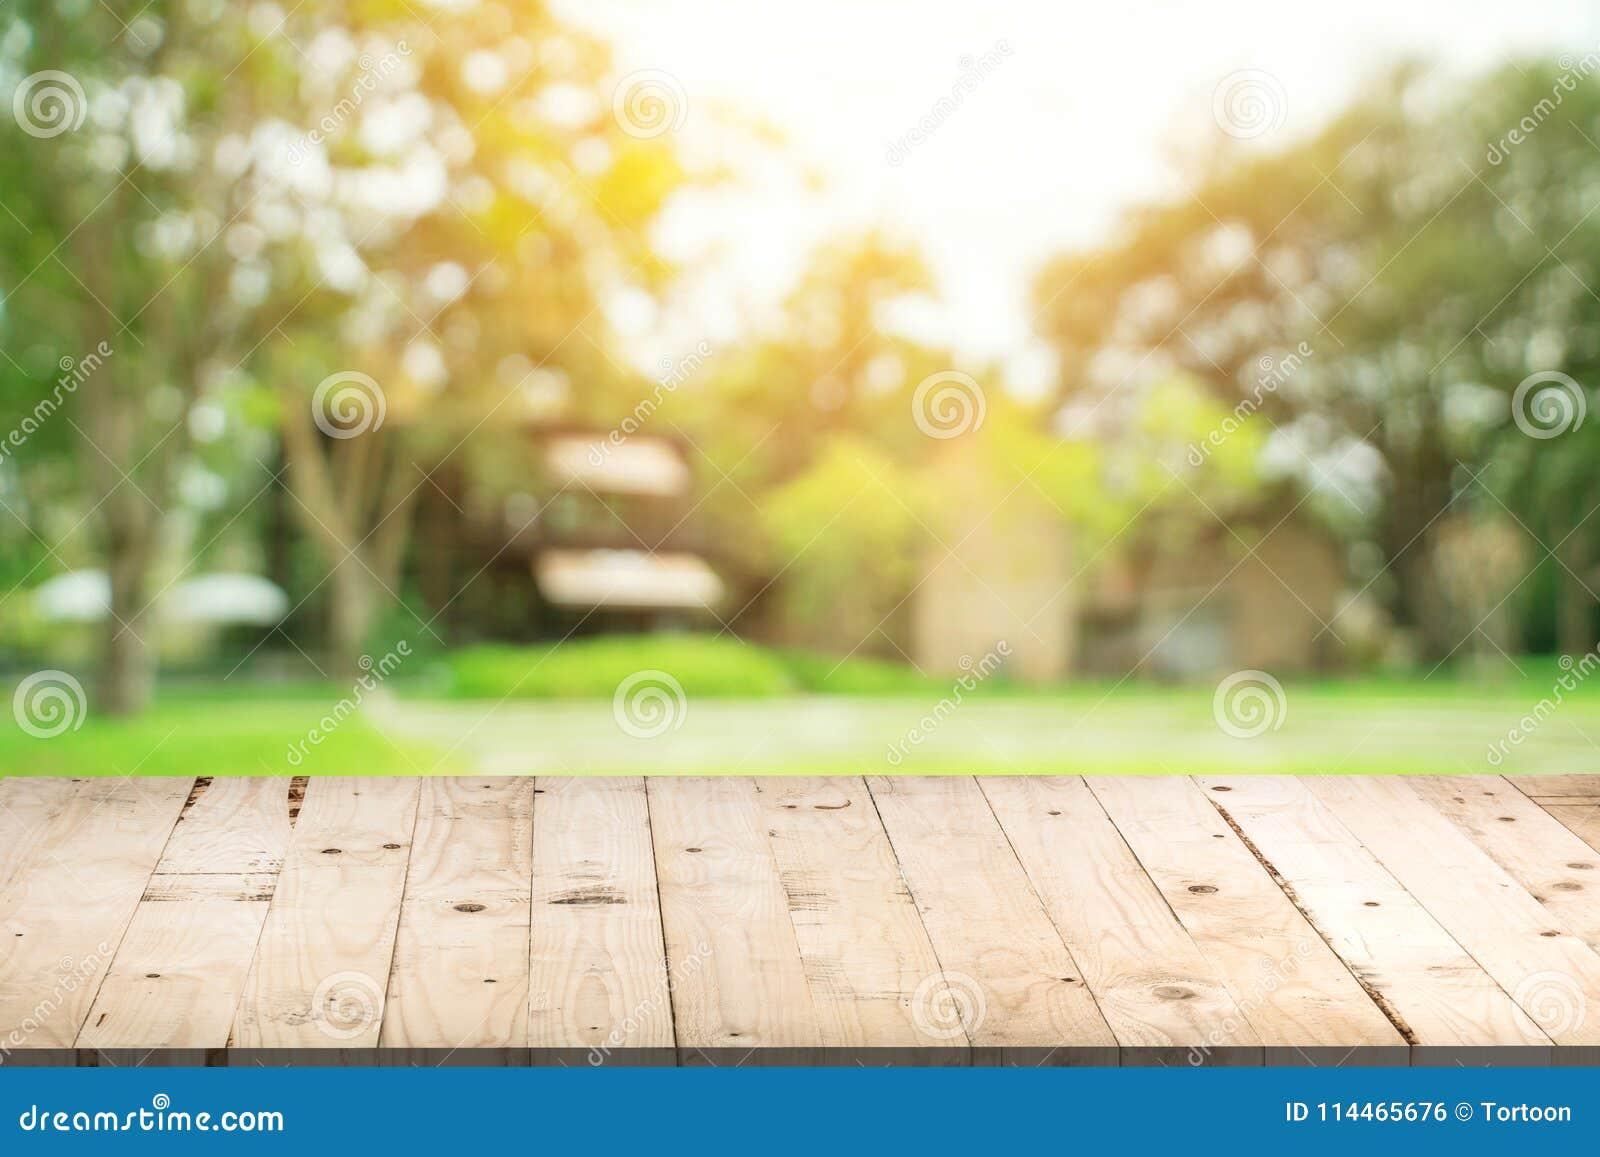 Tabla de madera vacía y fondo defocused del bokeh y de la falta de definición de Gard